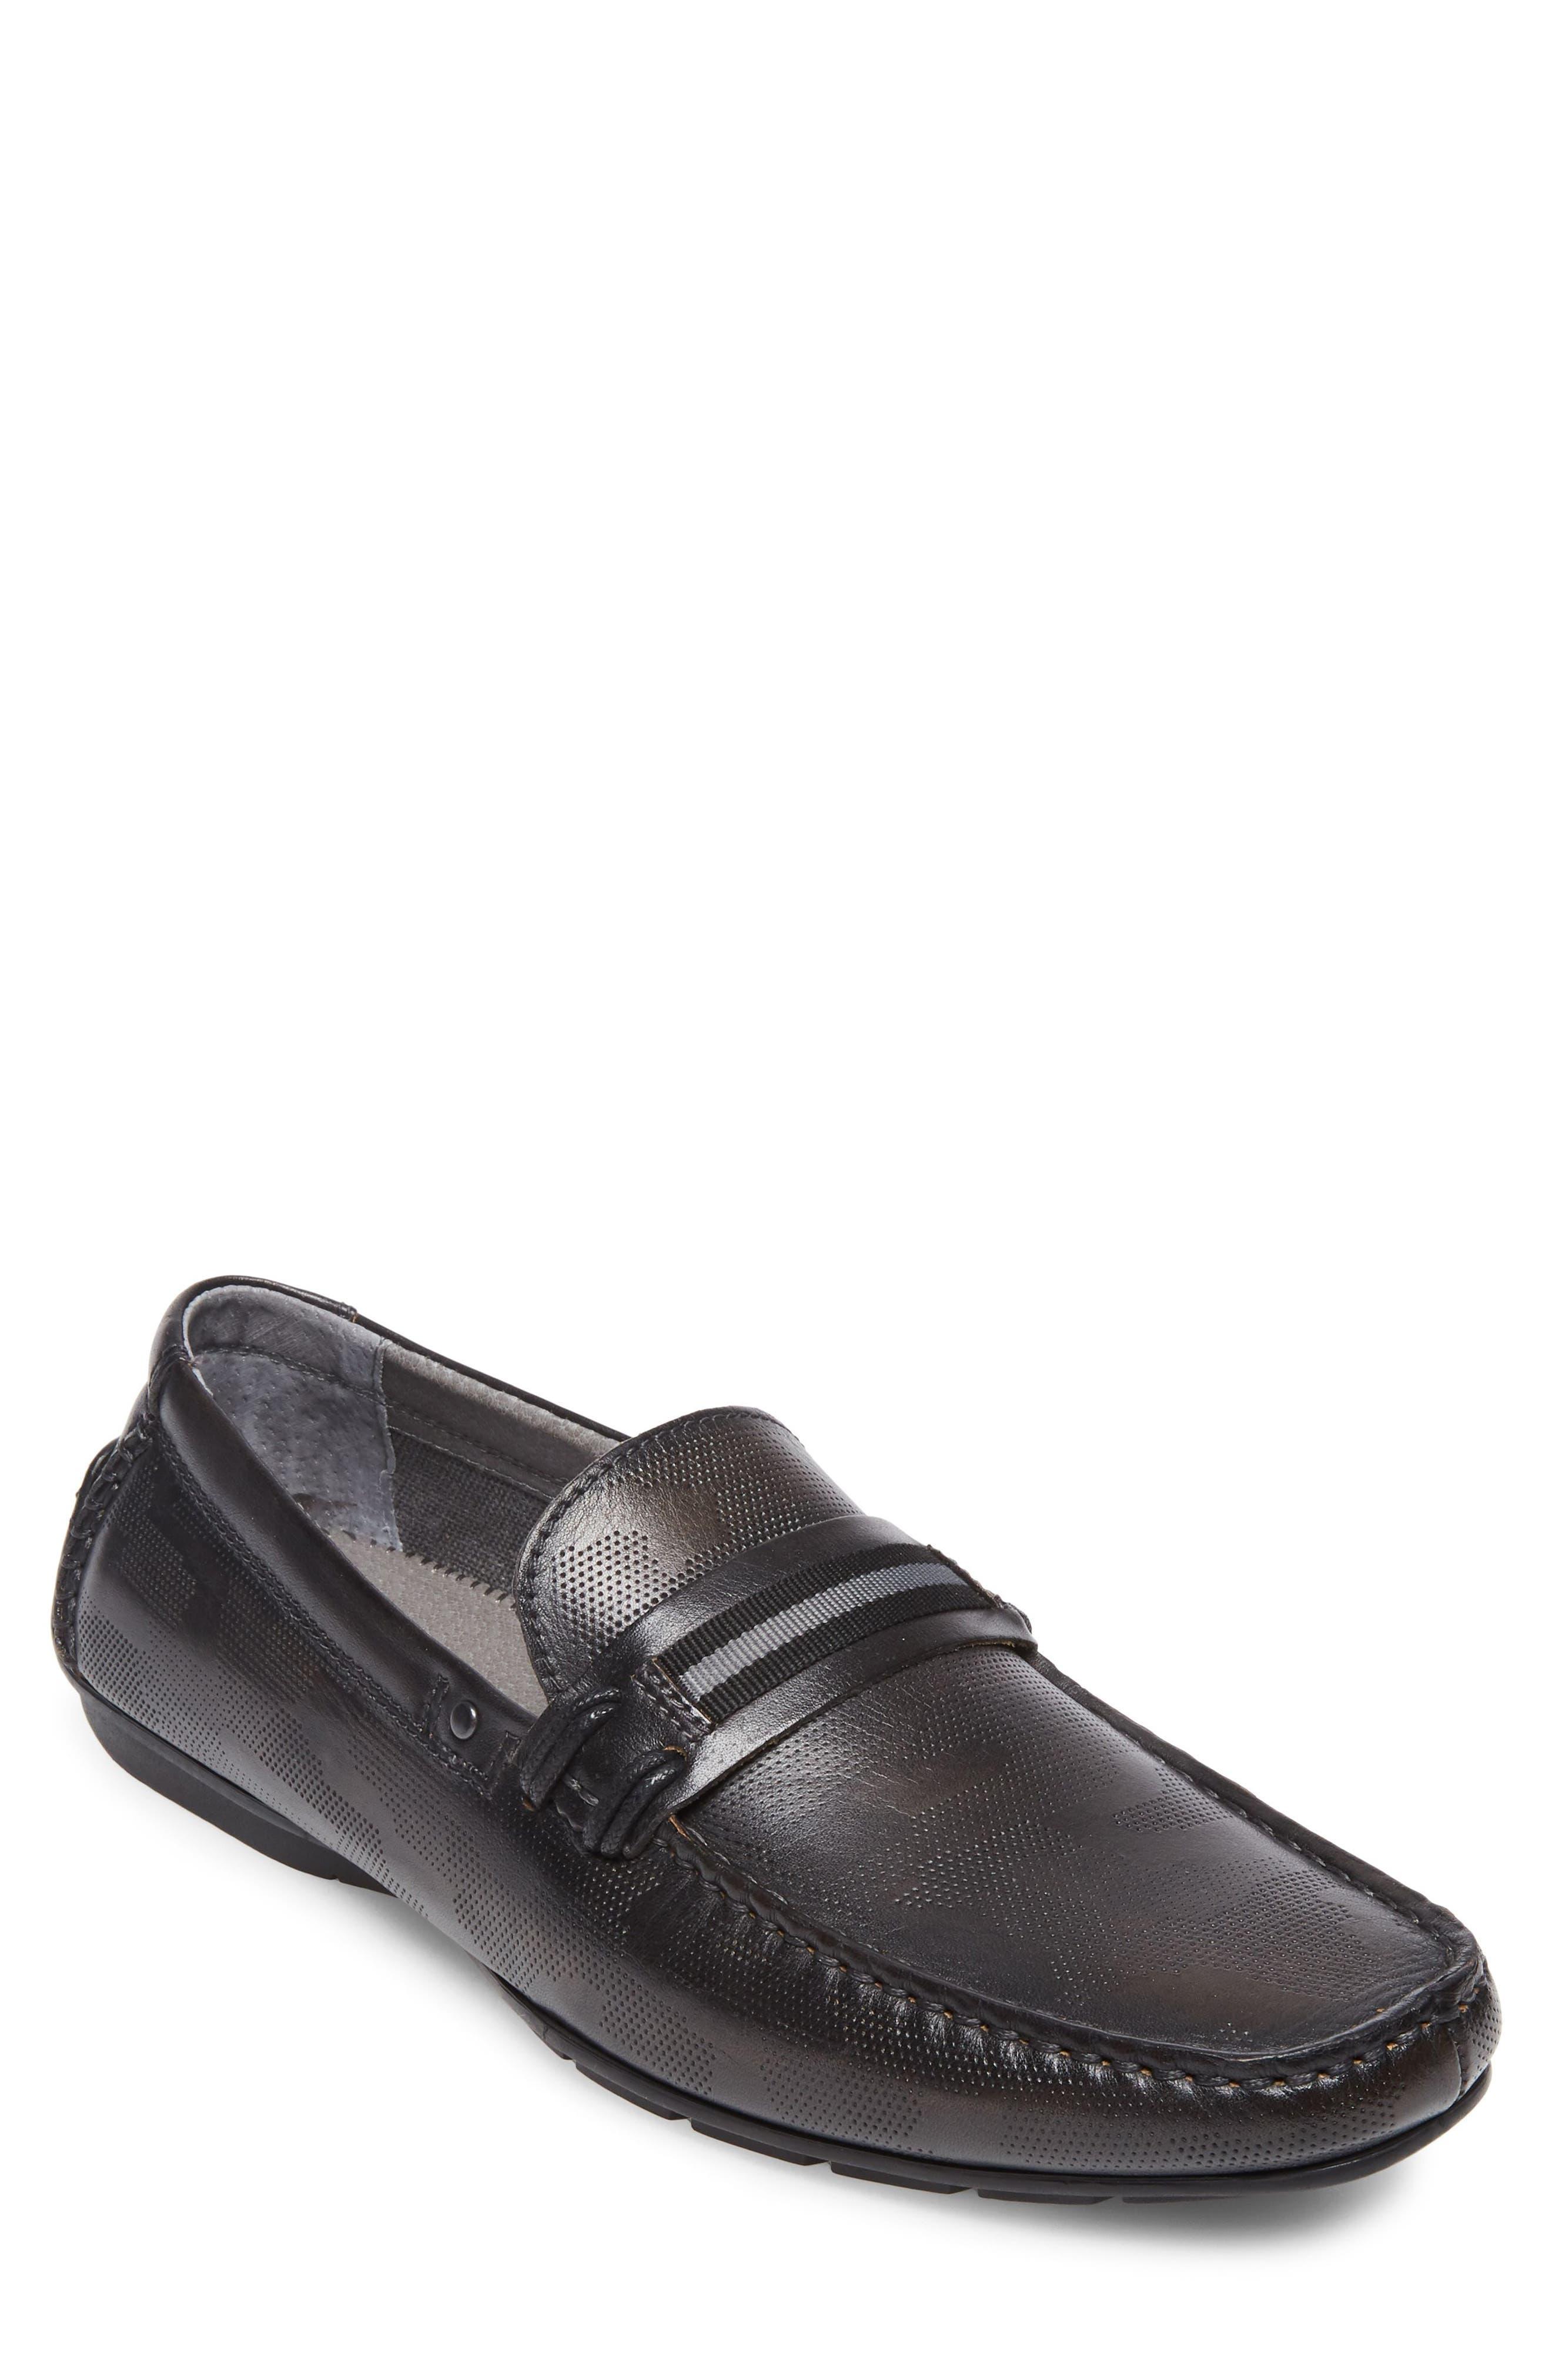 Garvet Textured Driving Loafer,                         Main,                         color, 001